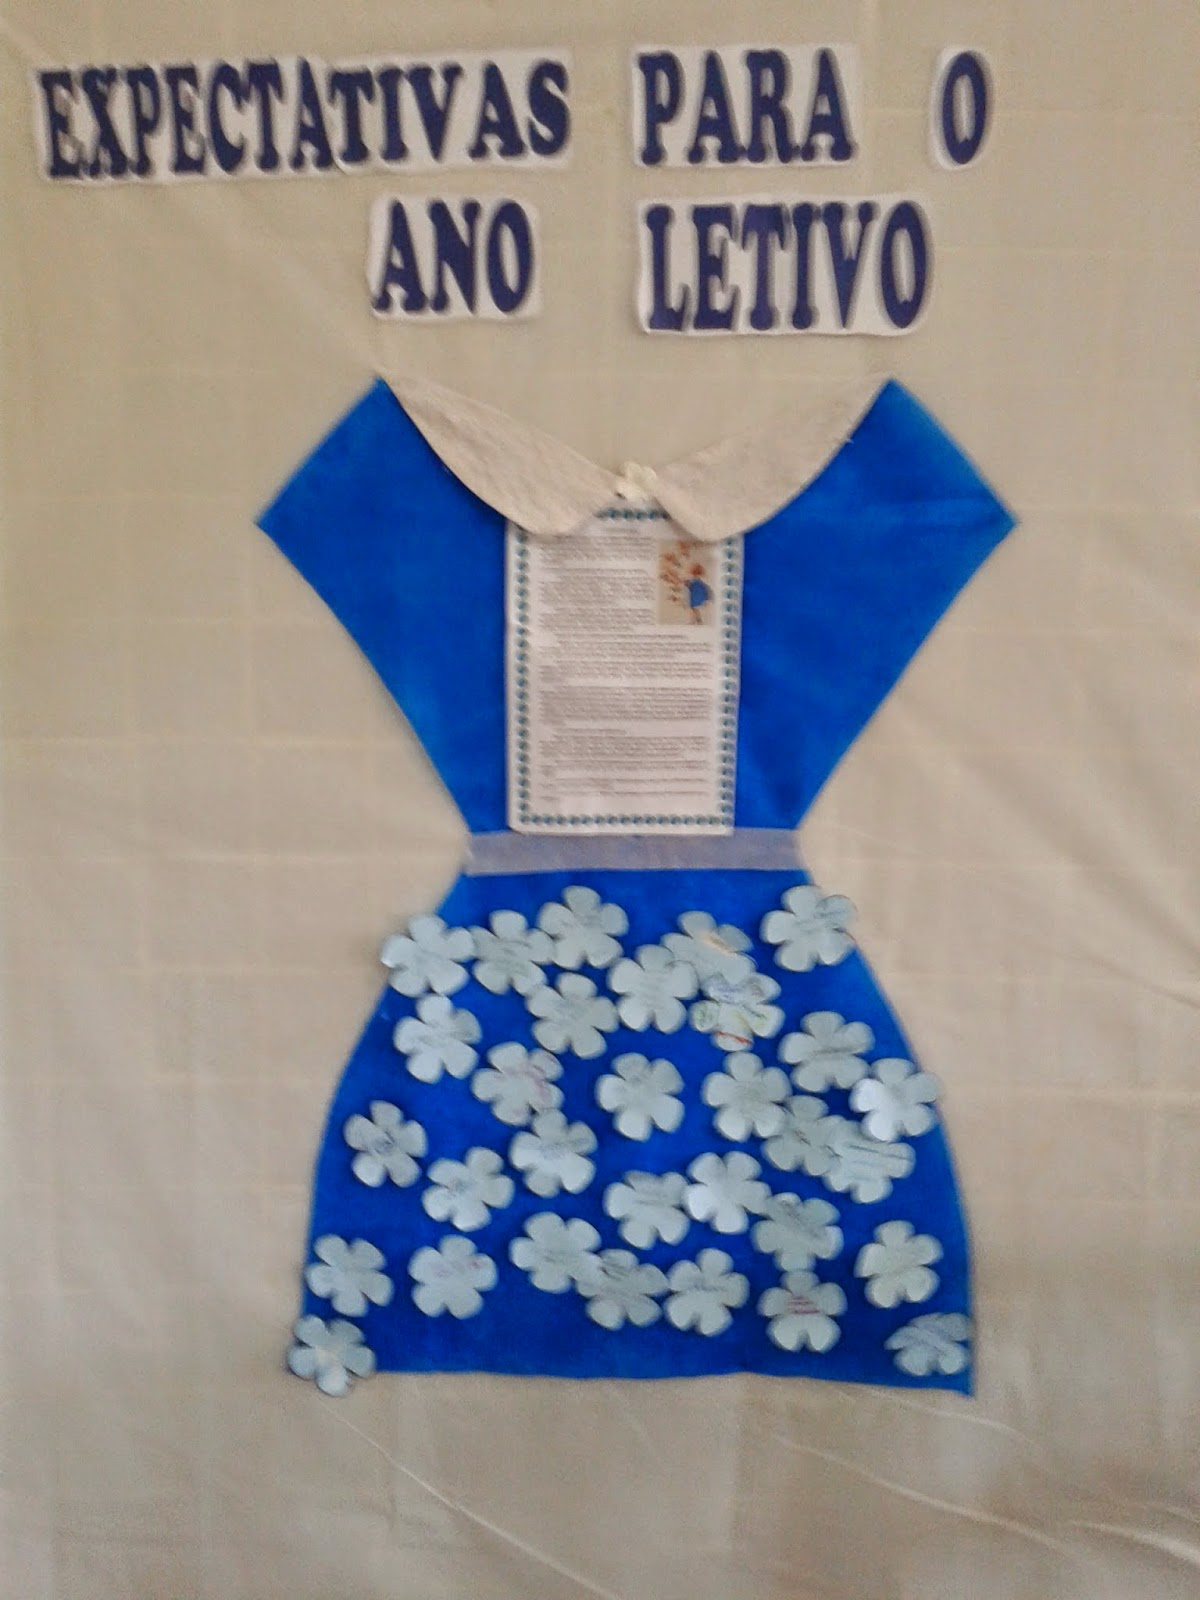 Dinâmica com o texto: O vestido azul